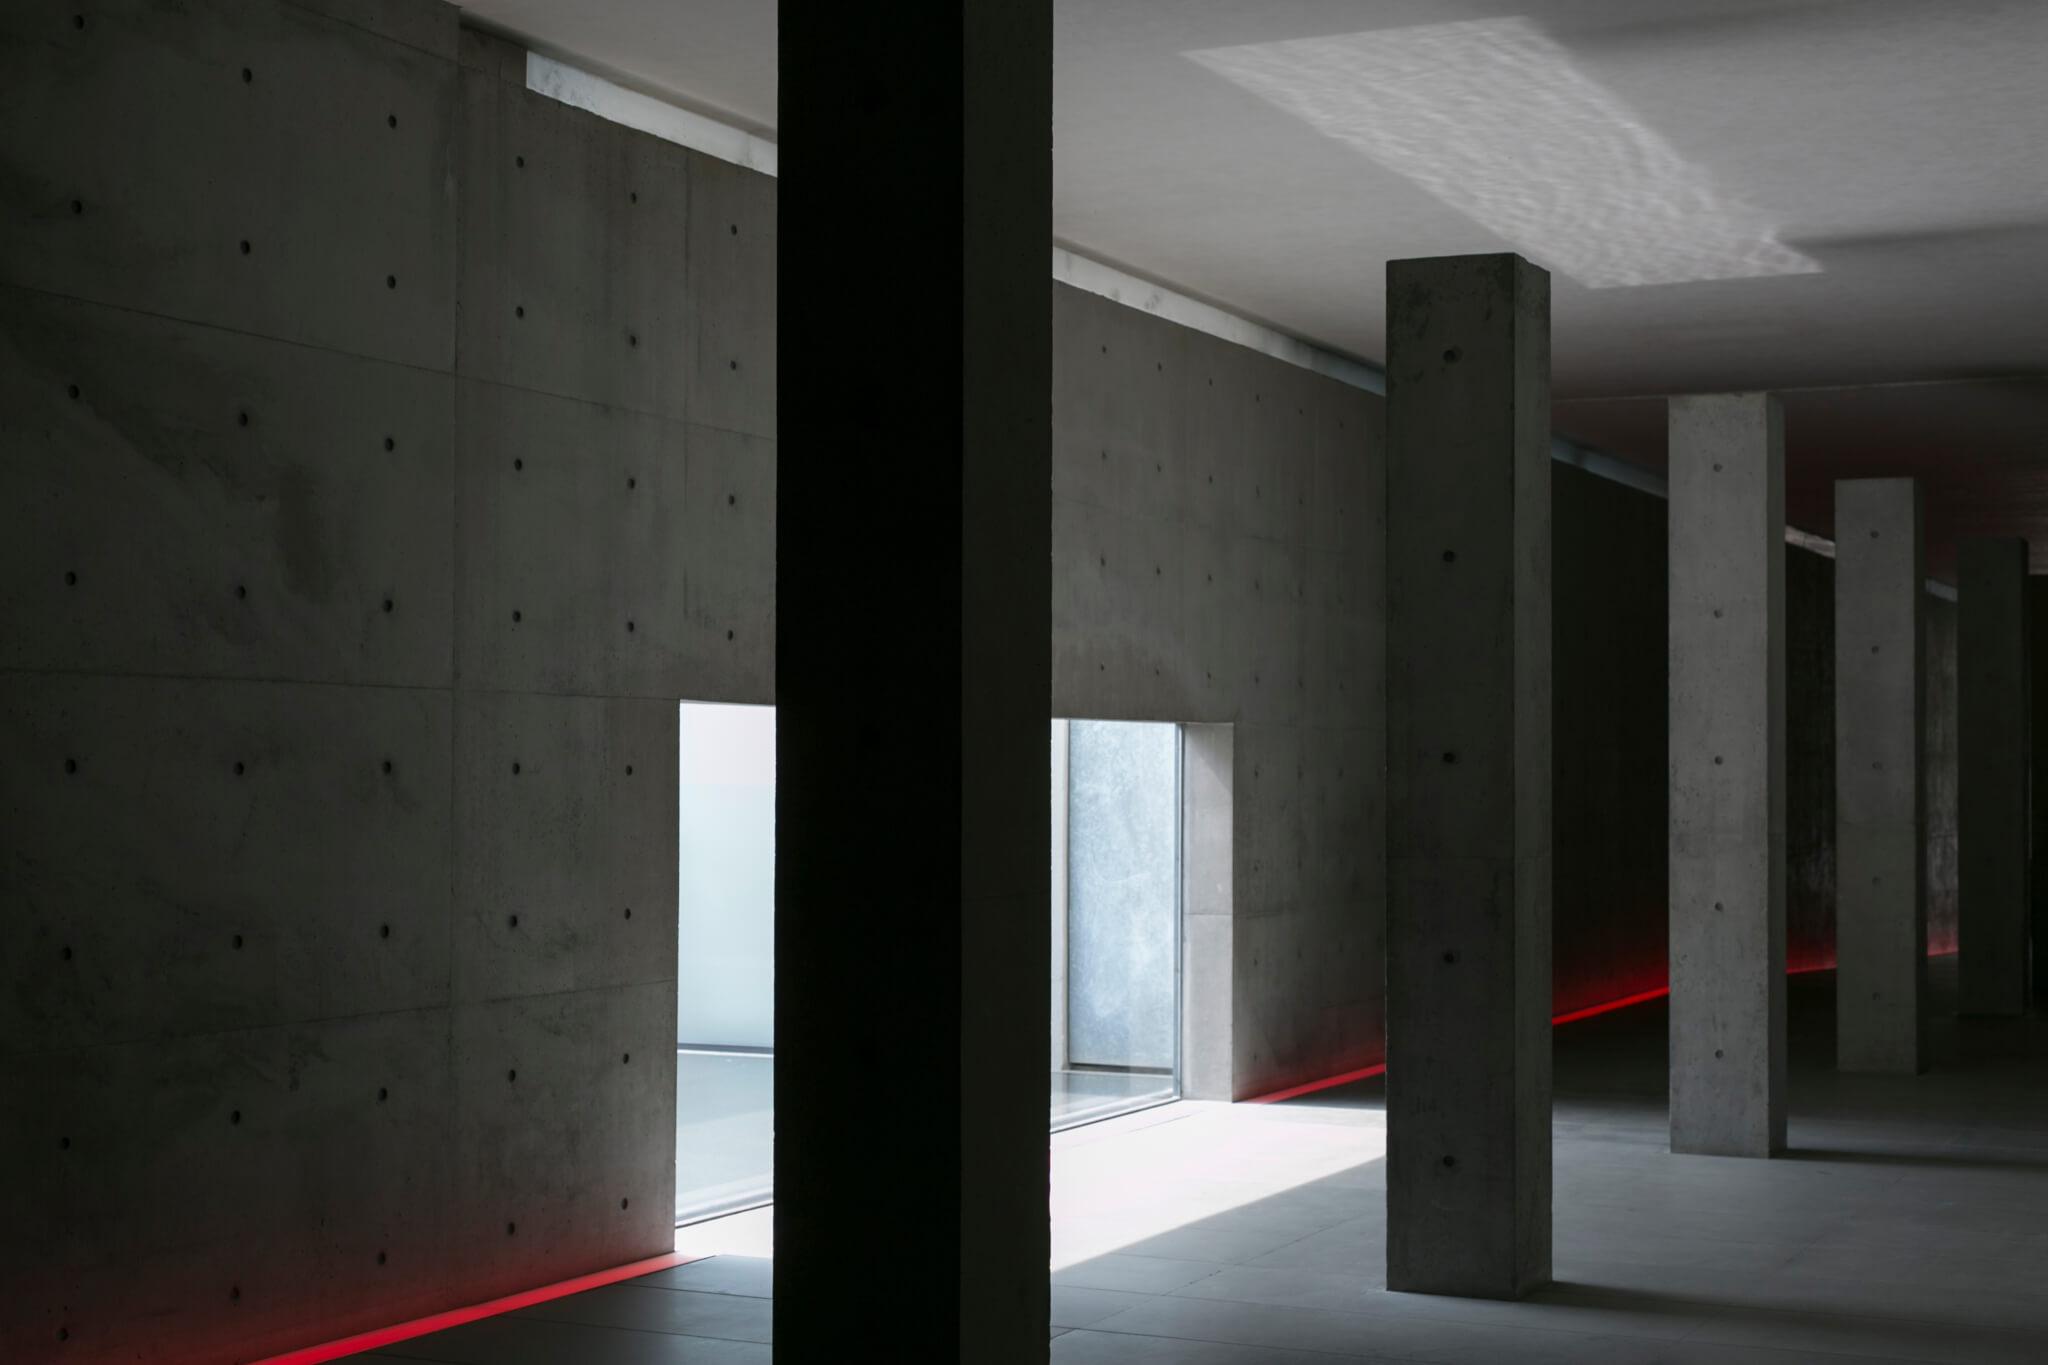 位於展覽對面街的,是Giorgio Armani二十年前委託安藤忠雄設計的總部Teatro Armani,建築物由舊工廠改裝,呈現安藤的簡約設計美學。